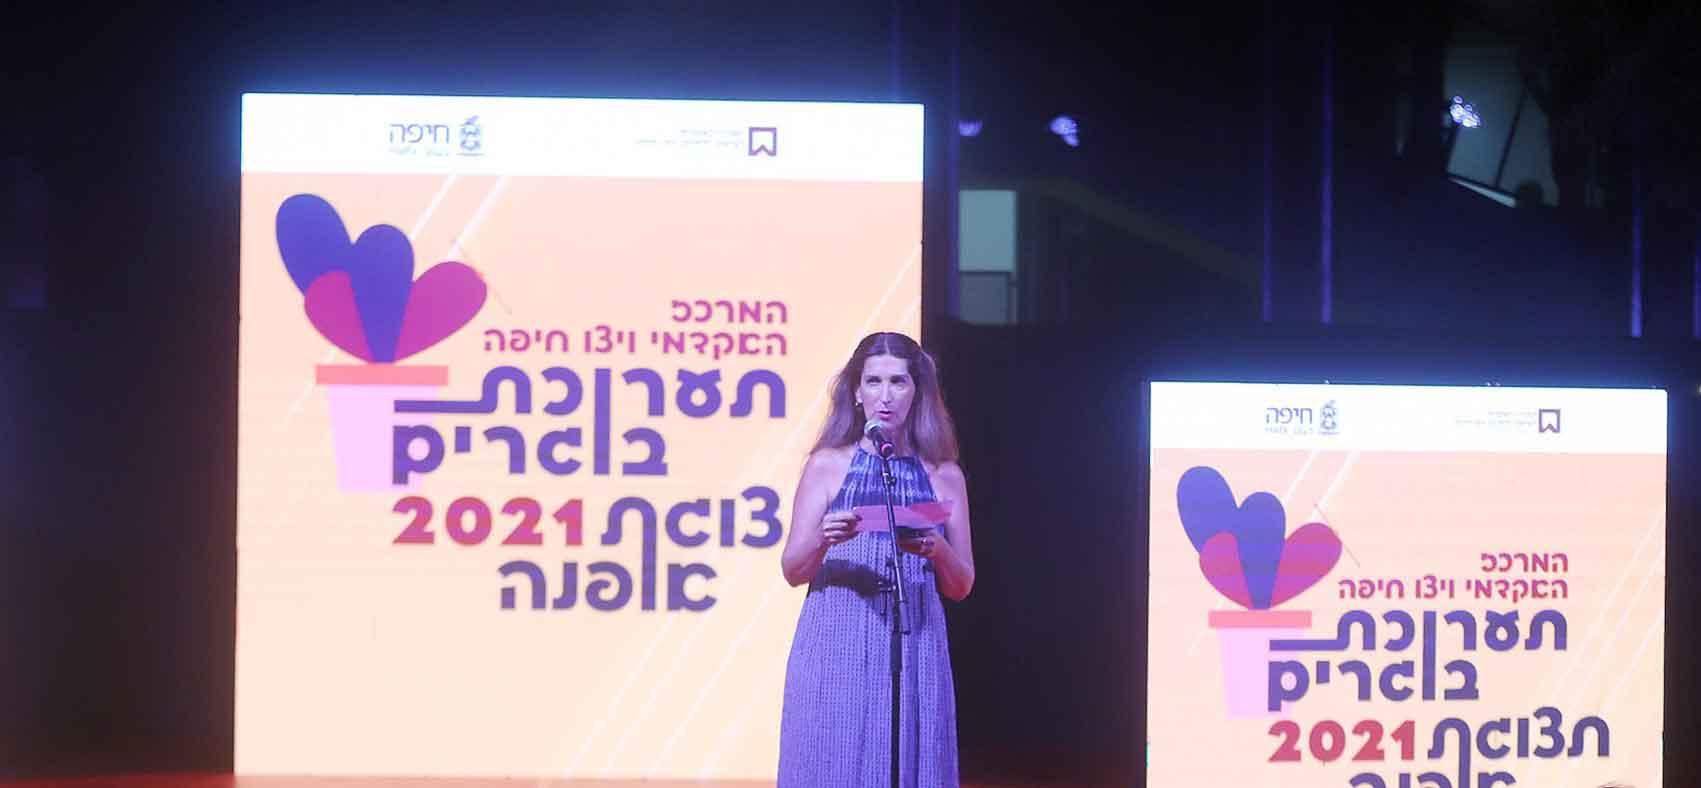 """מירב לביא, ראש המחלקה לעיצוב אופנה המרכז האקדמי ויצו חיפה. צילום: יח""""צ ויצו"""